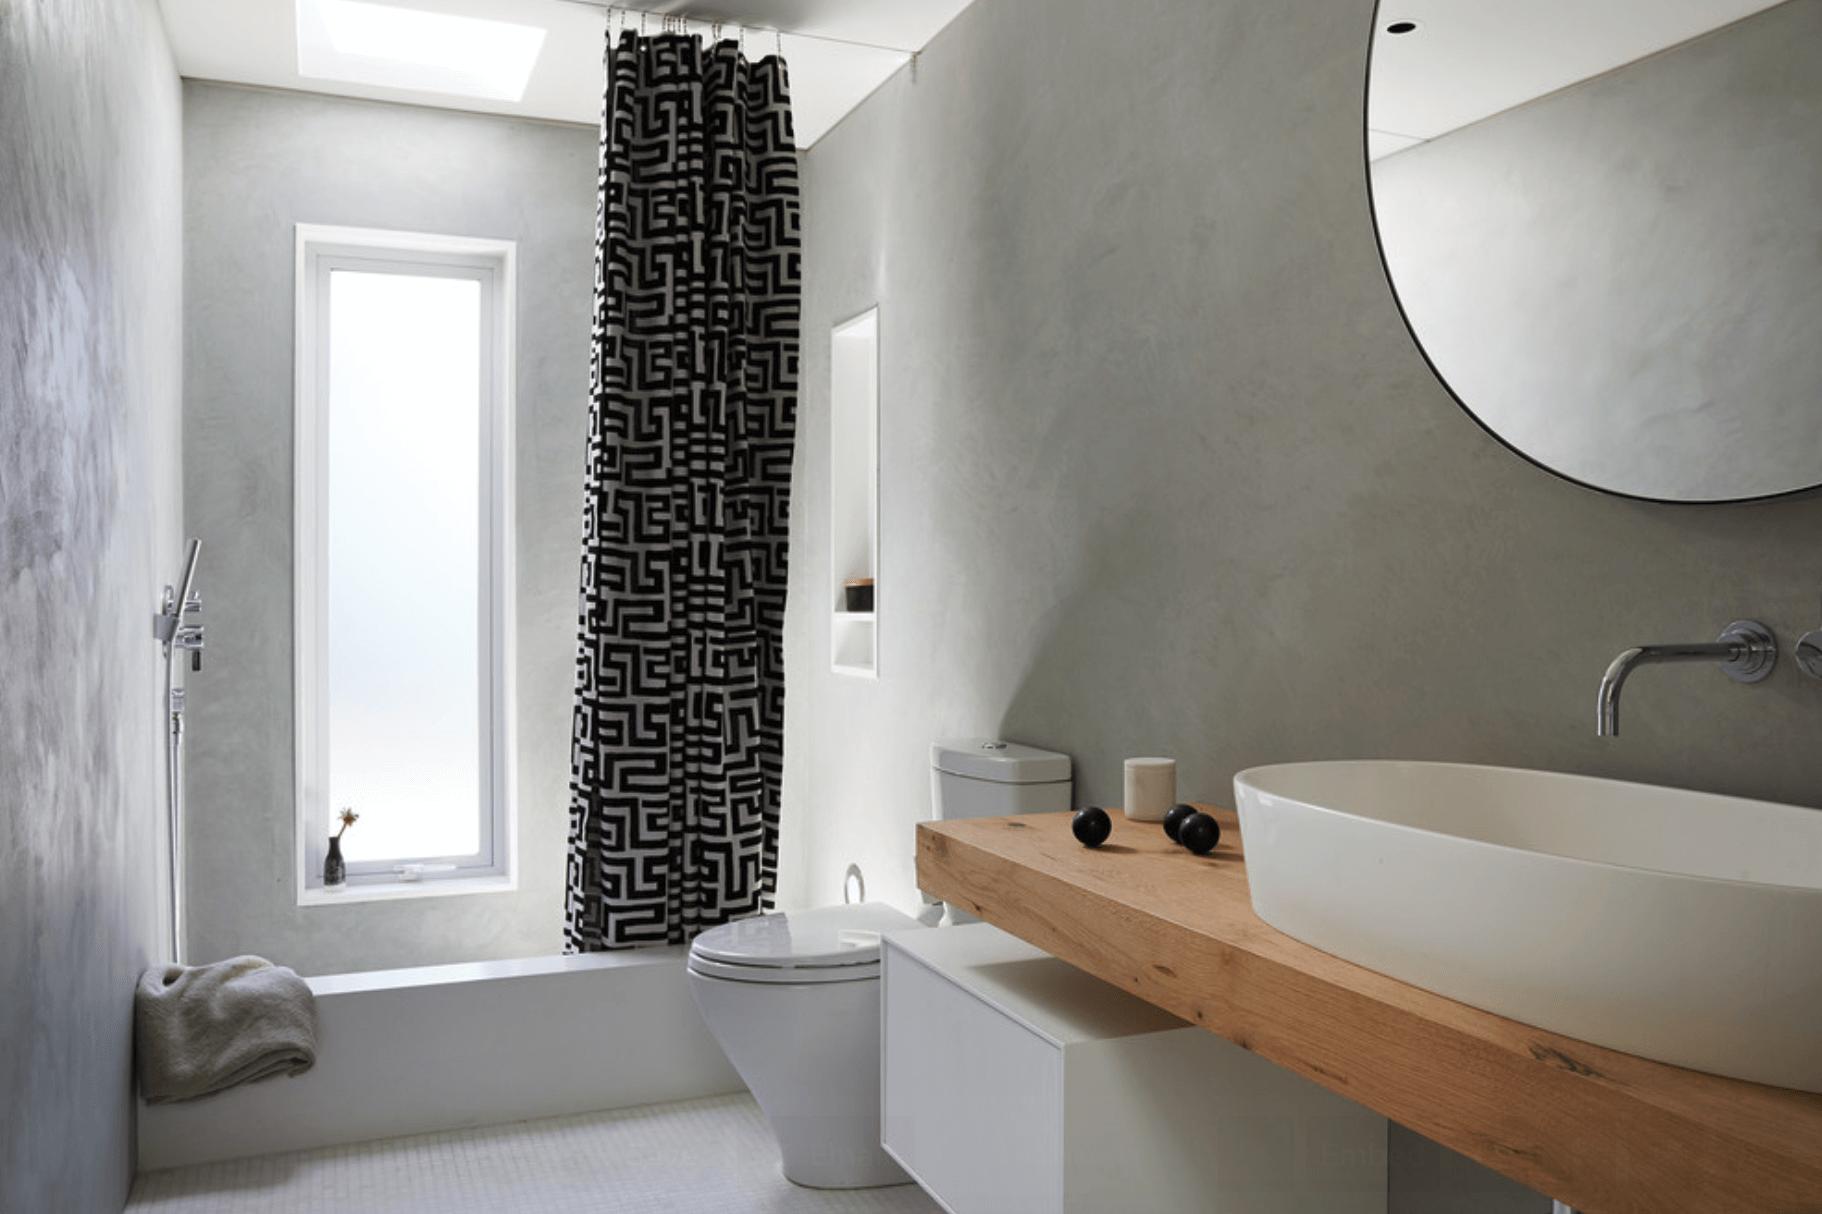 25 Banheiros Planejados Arquidicas #644934 1822 1214